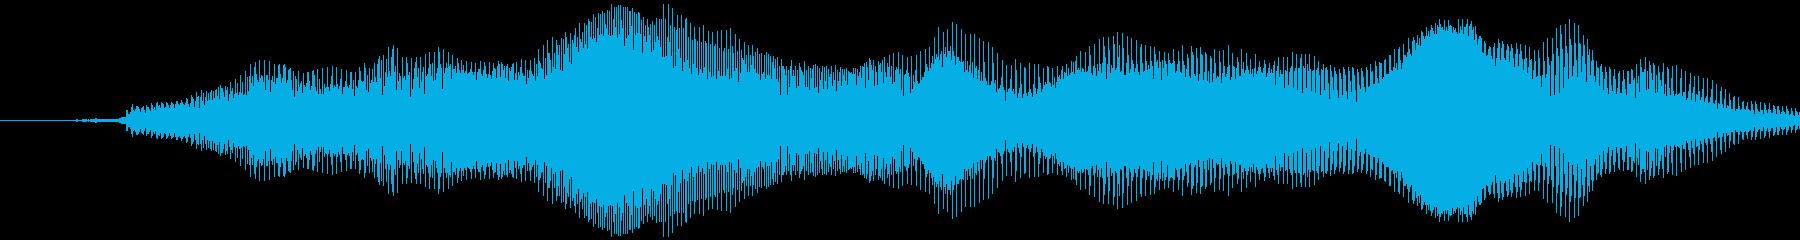 グラビティチューブ(平坦、長め)ミョーンの再生済みの波形